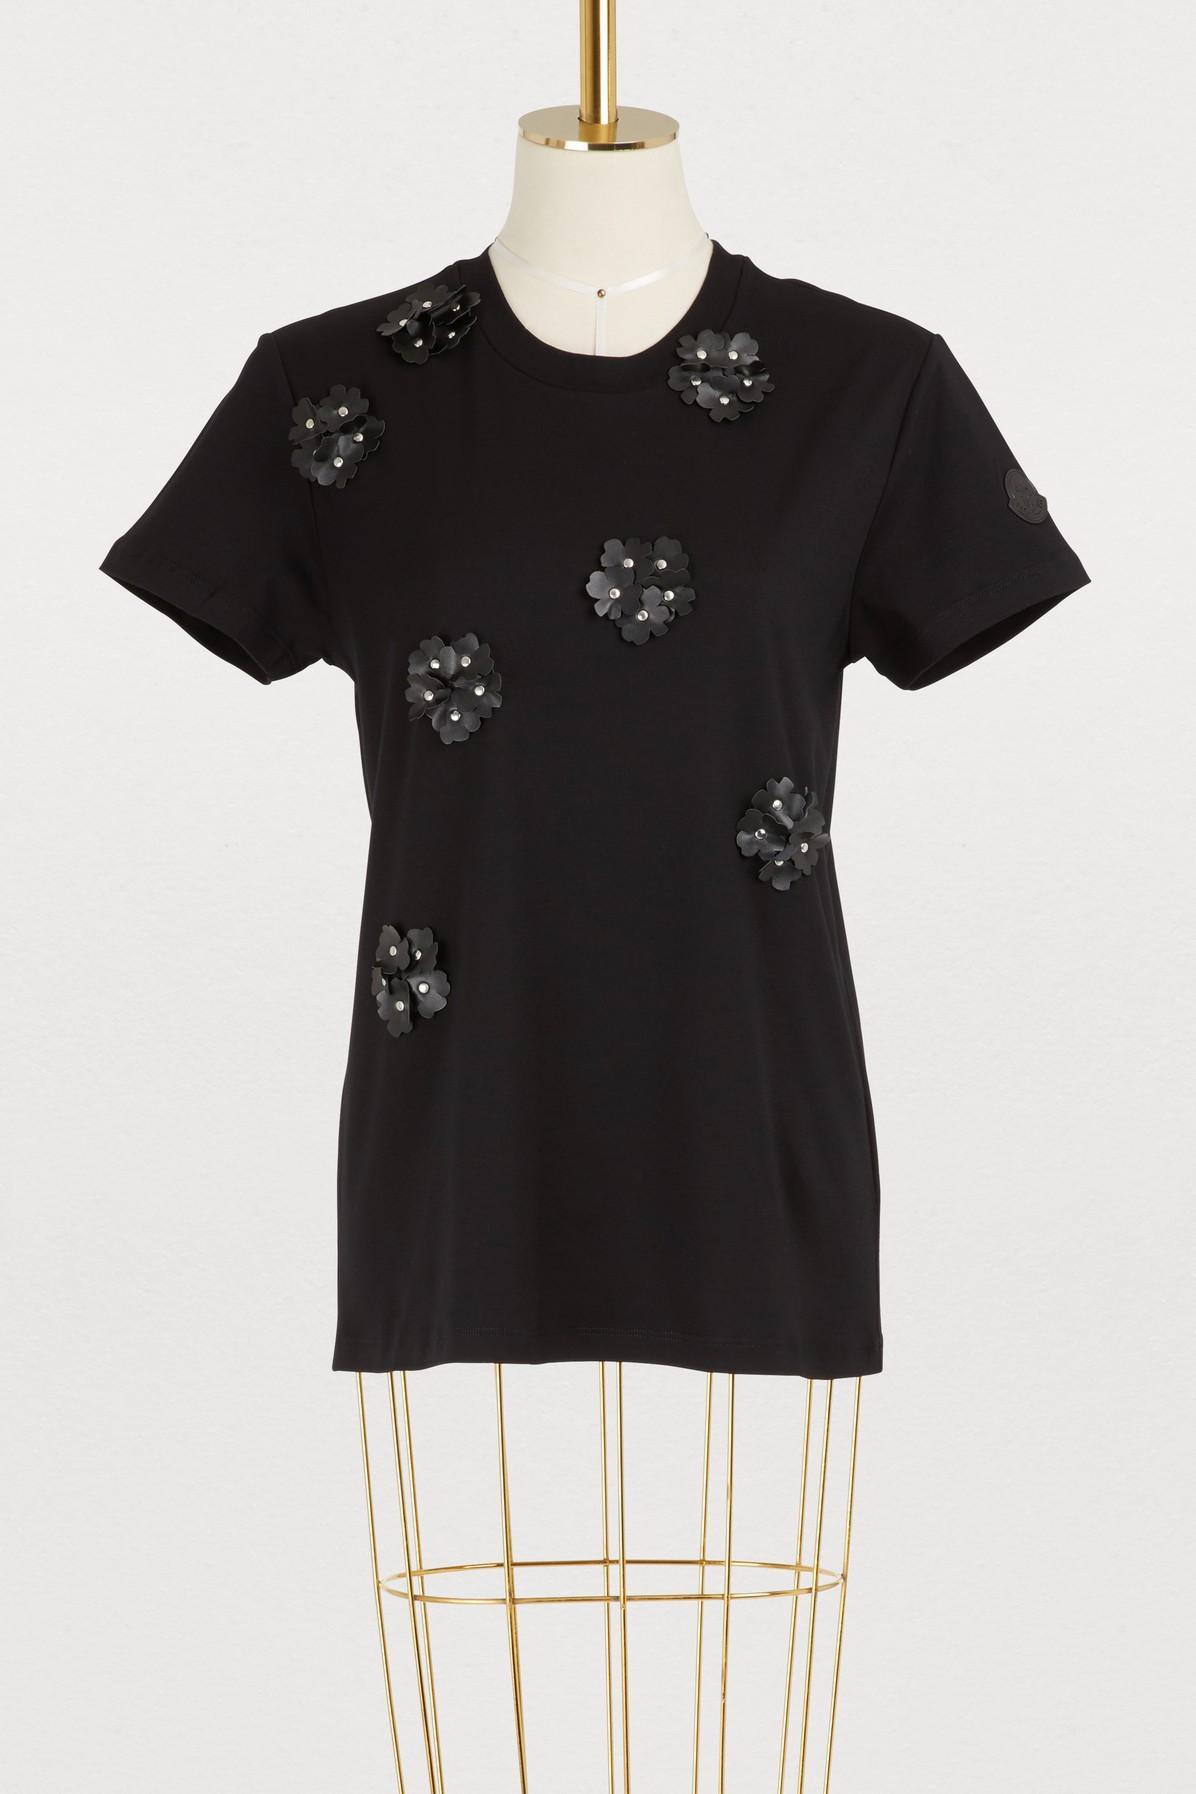 c908d460d 6 Moncler Noir Kei Ninomiya T-Shirt in 999-Black